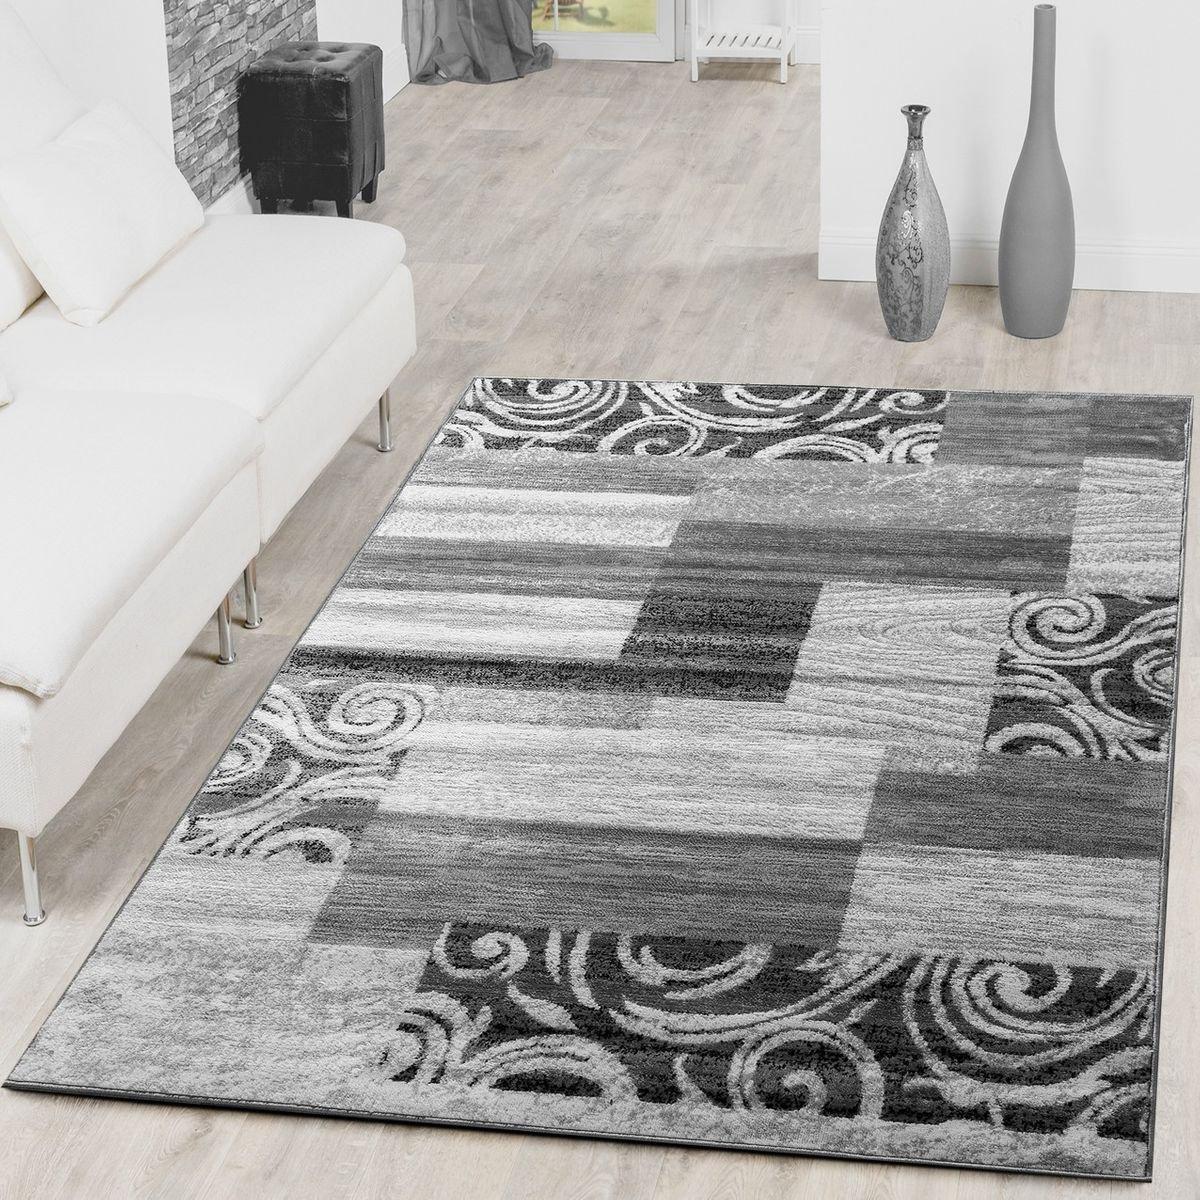 Teppich Günstig Patchwork Design Modern Wohnzimmerteppich Grau Creme, Größe 240x340 cm